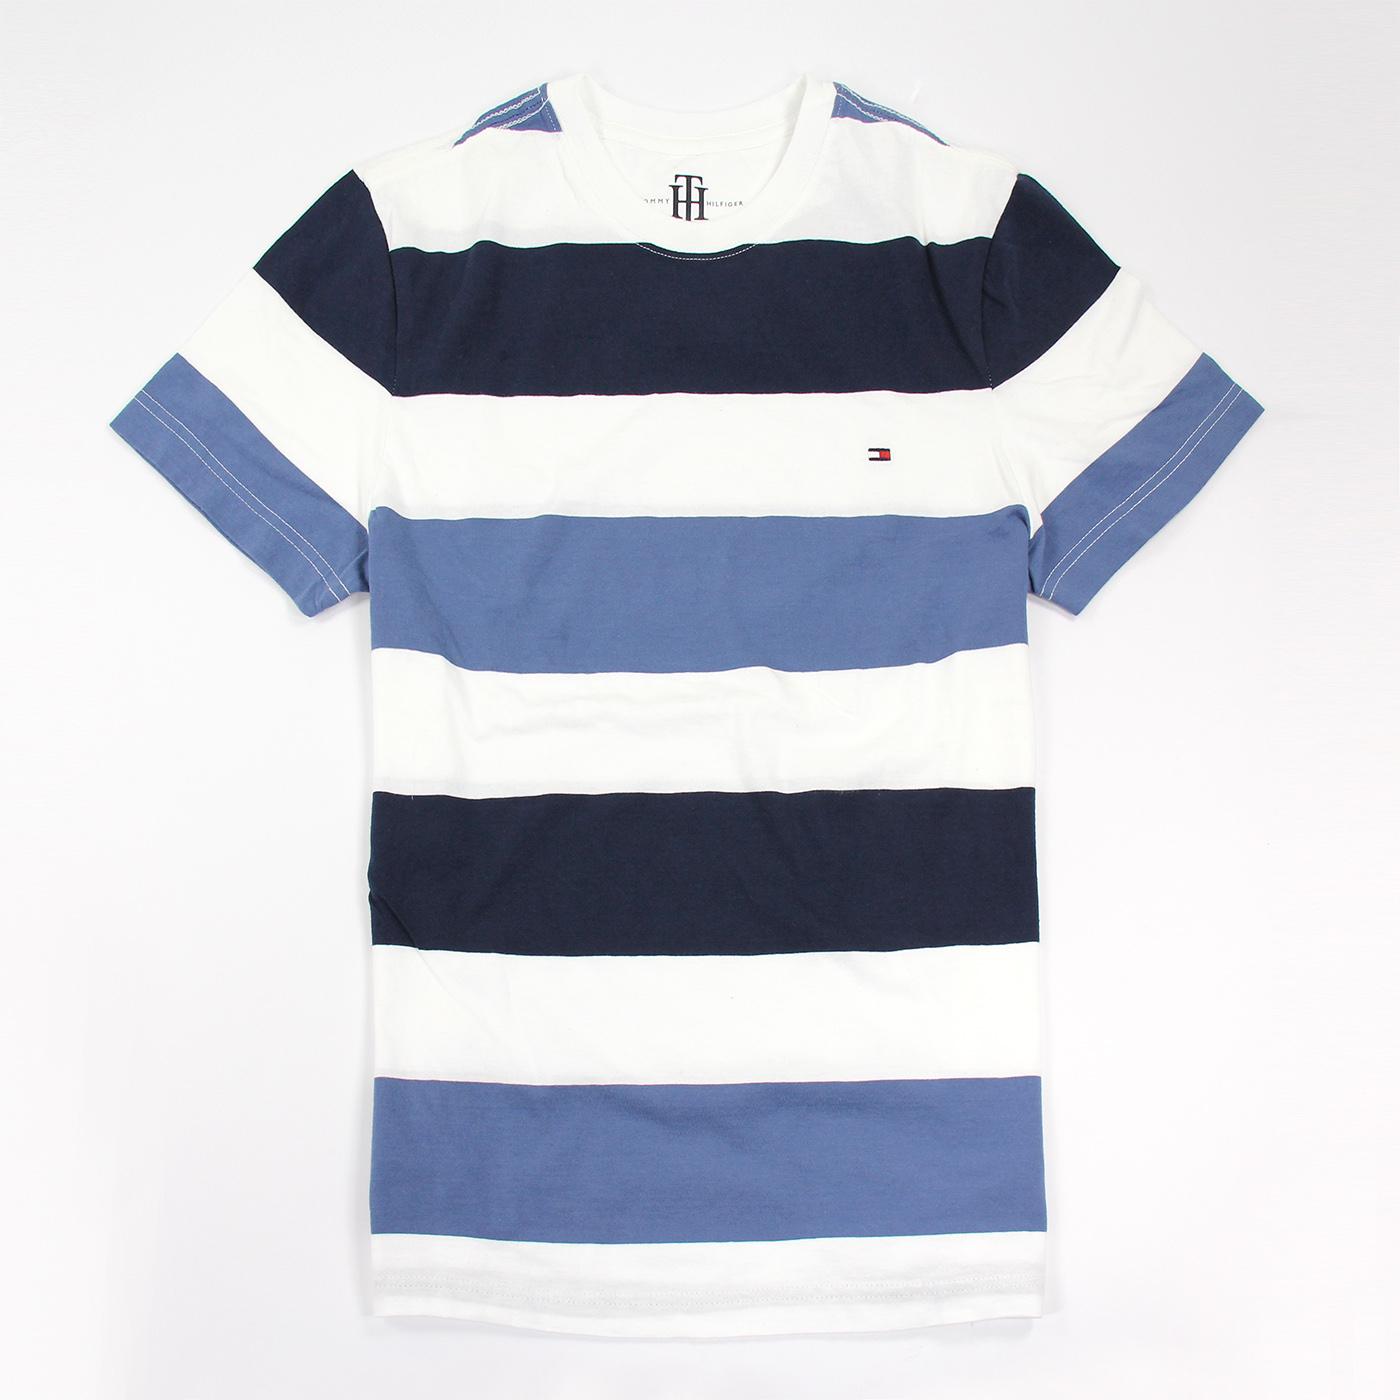 美國百分百【Tommy Hilfiger 】T恤 TH 男 圓領 T-shirt 短袖 條紋 藍 灰 白 XS E870